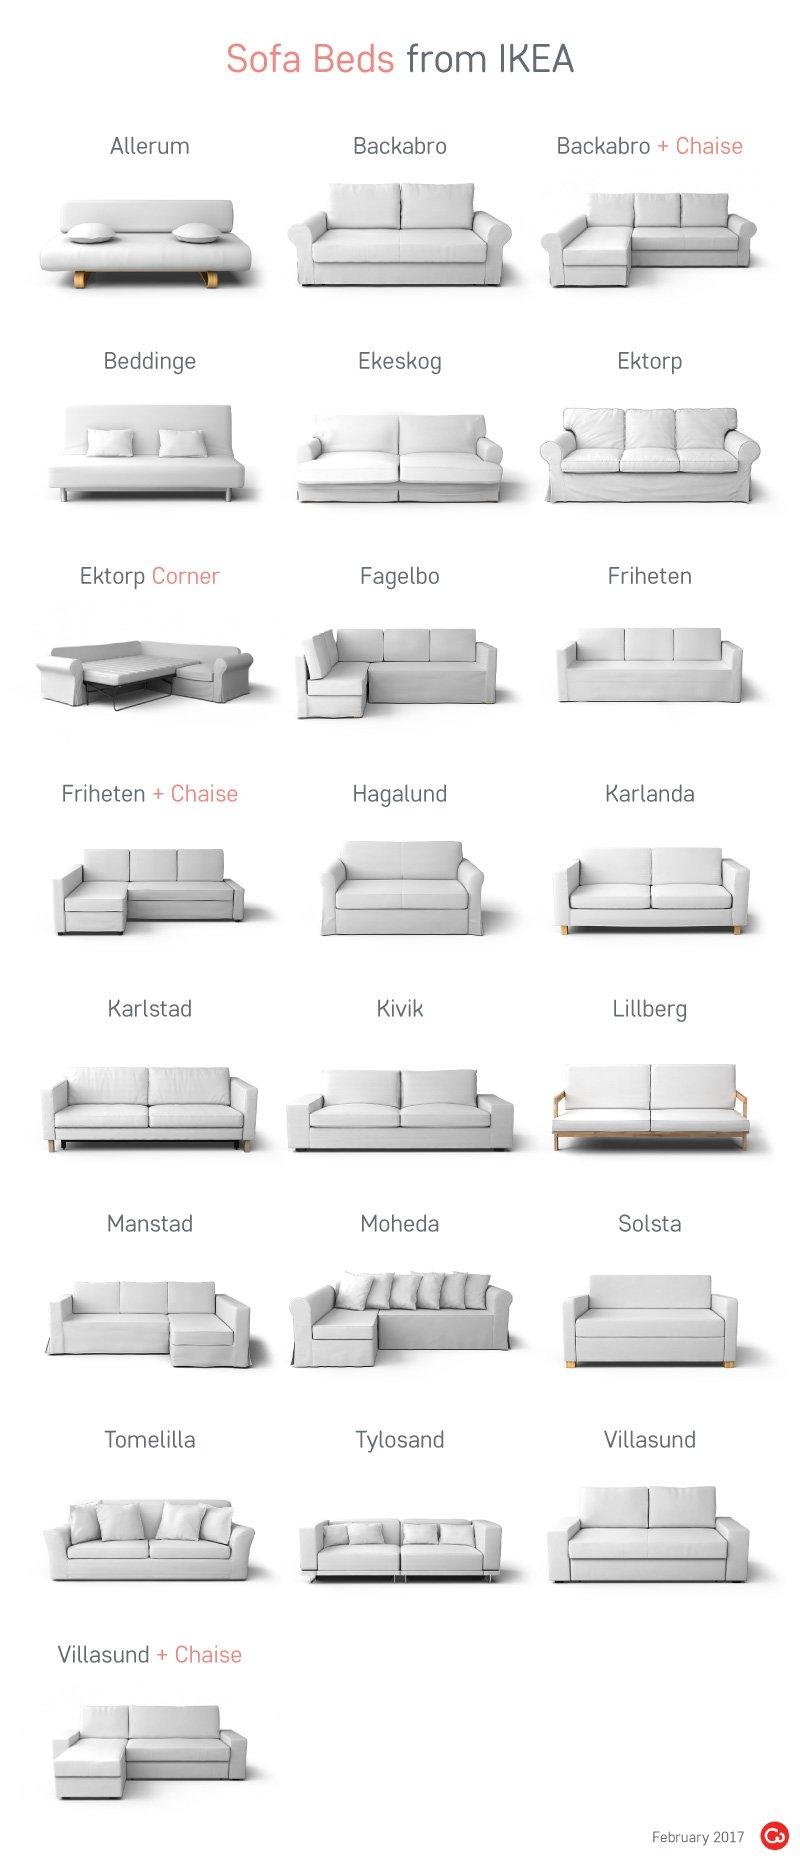 Che divano letto IKEA è questo?